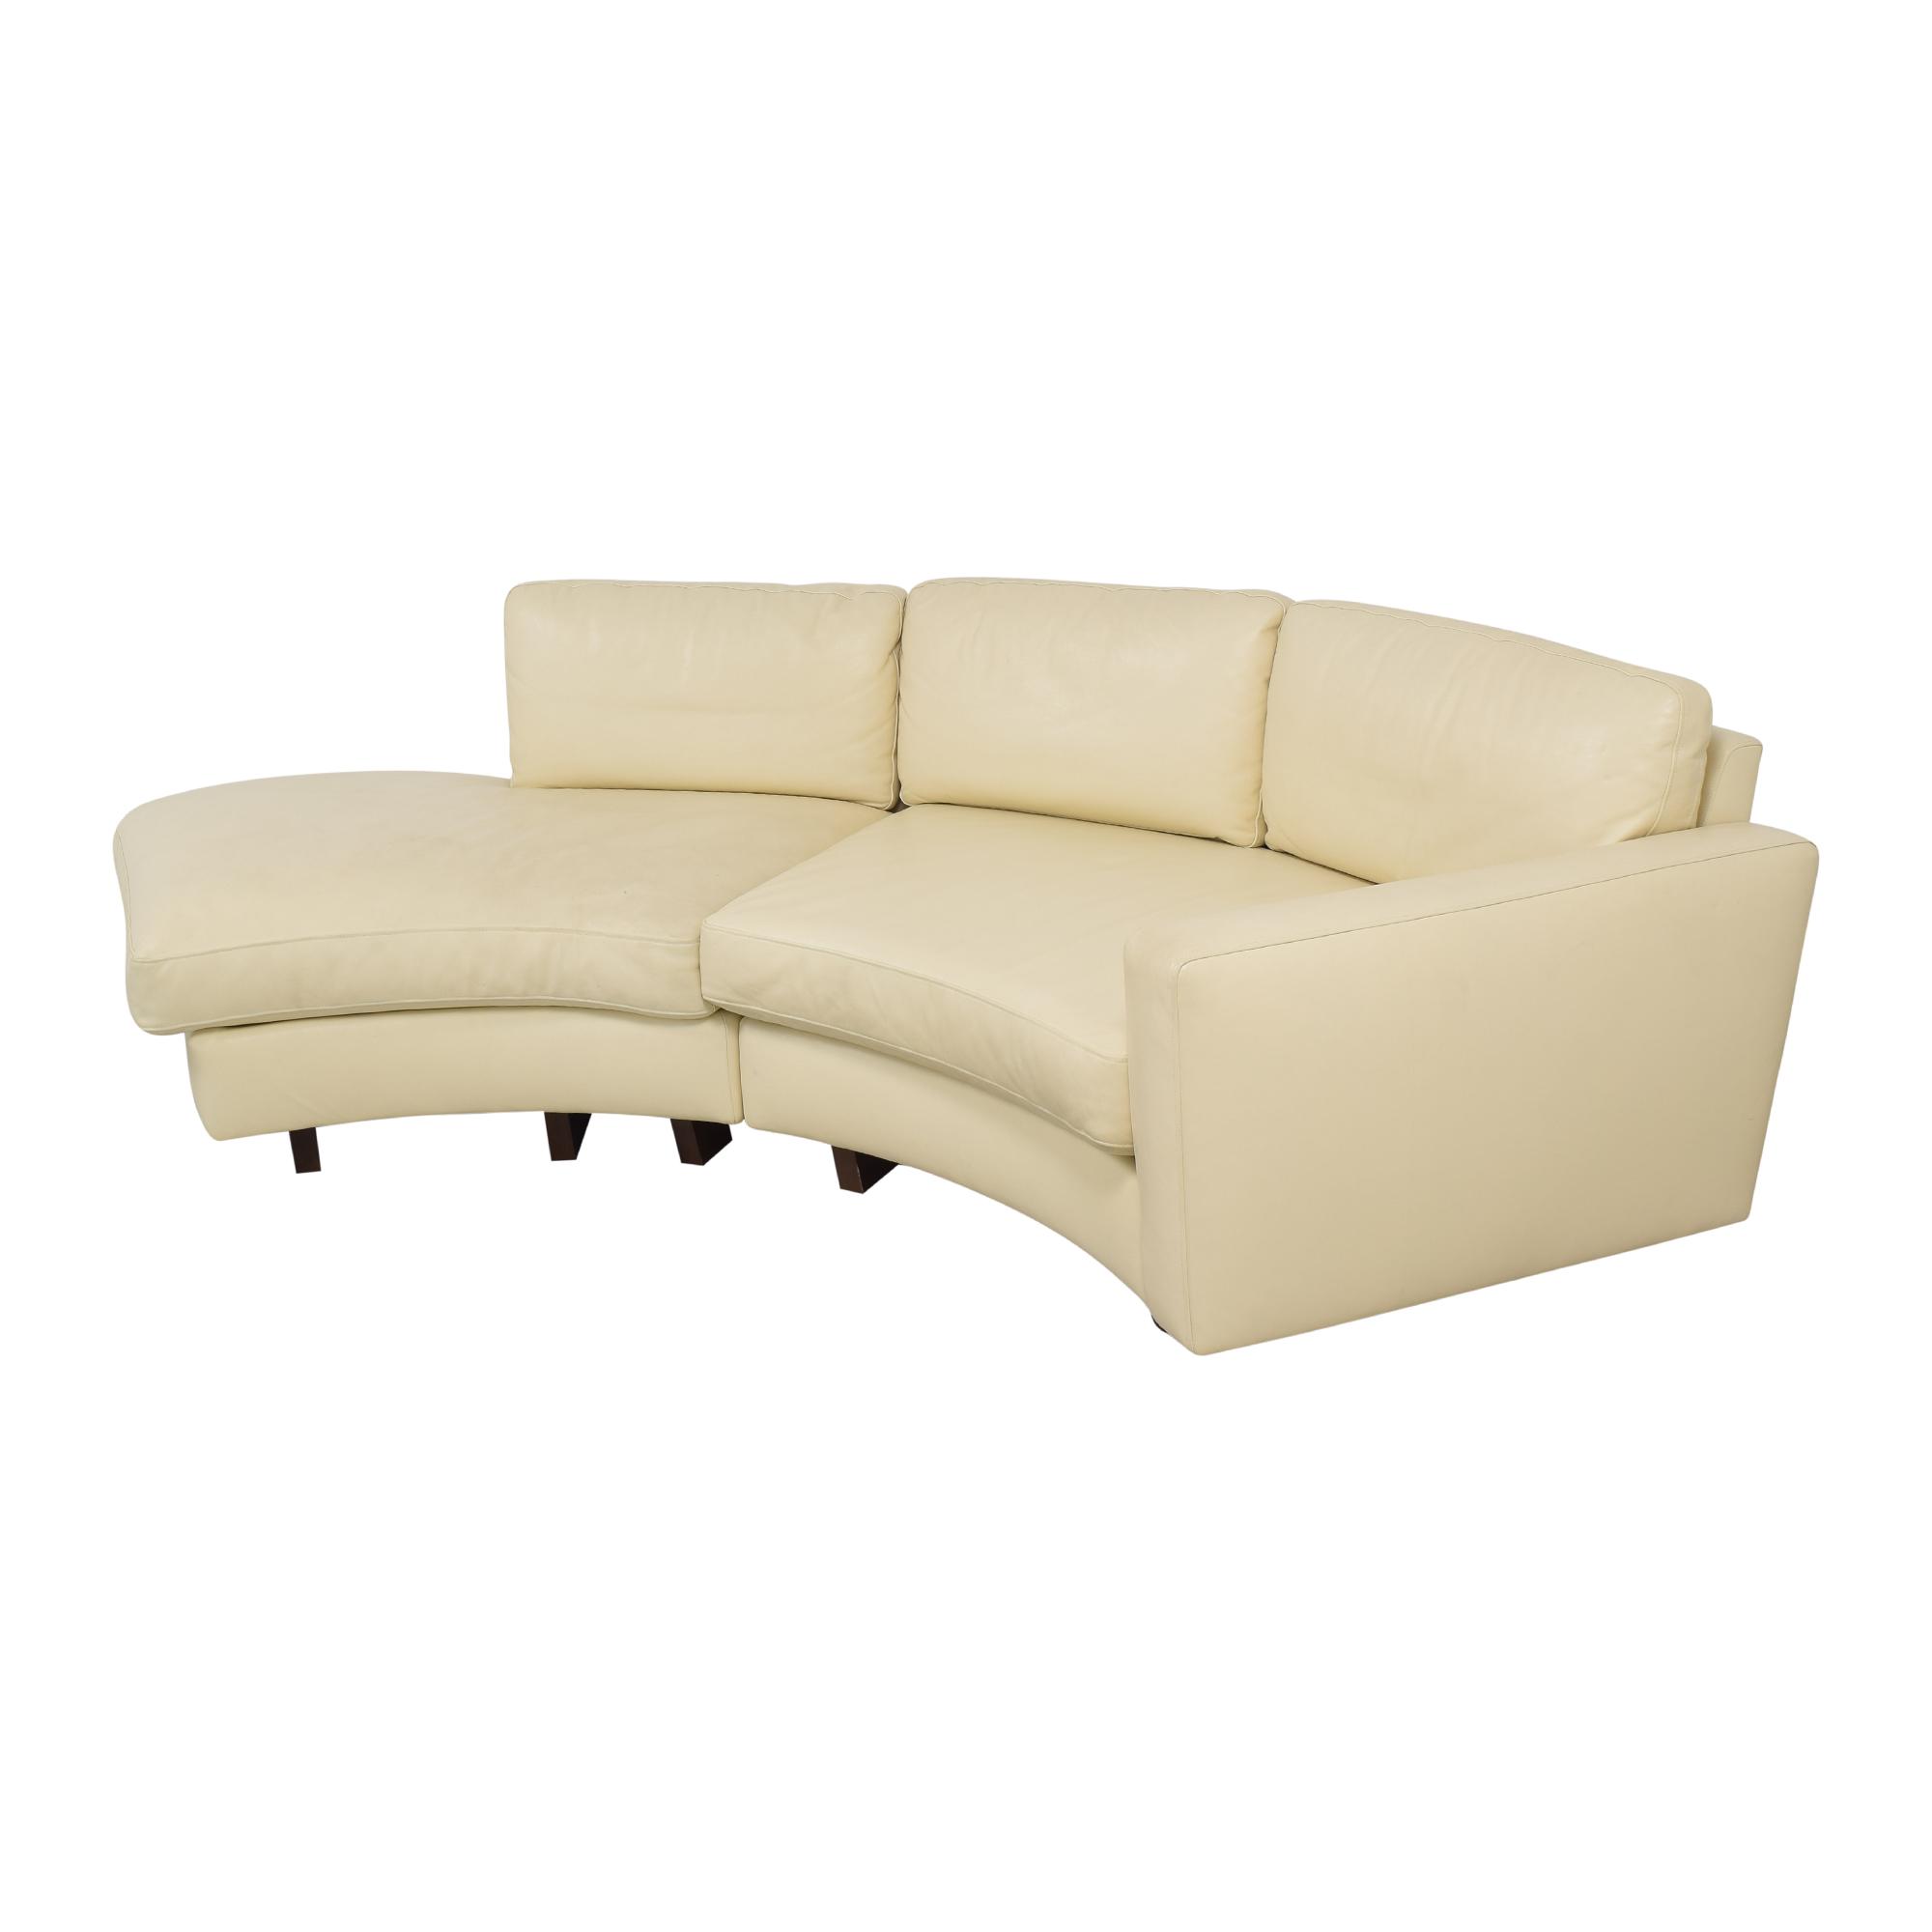 Thayer Coggin Thayer Coggin Clip 2 Sectional Sofa dimensions